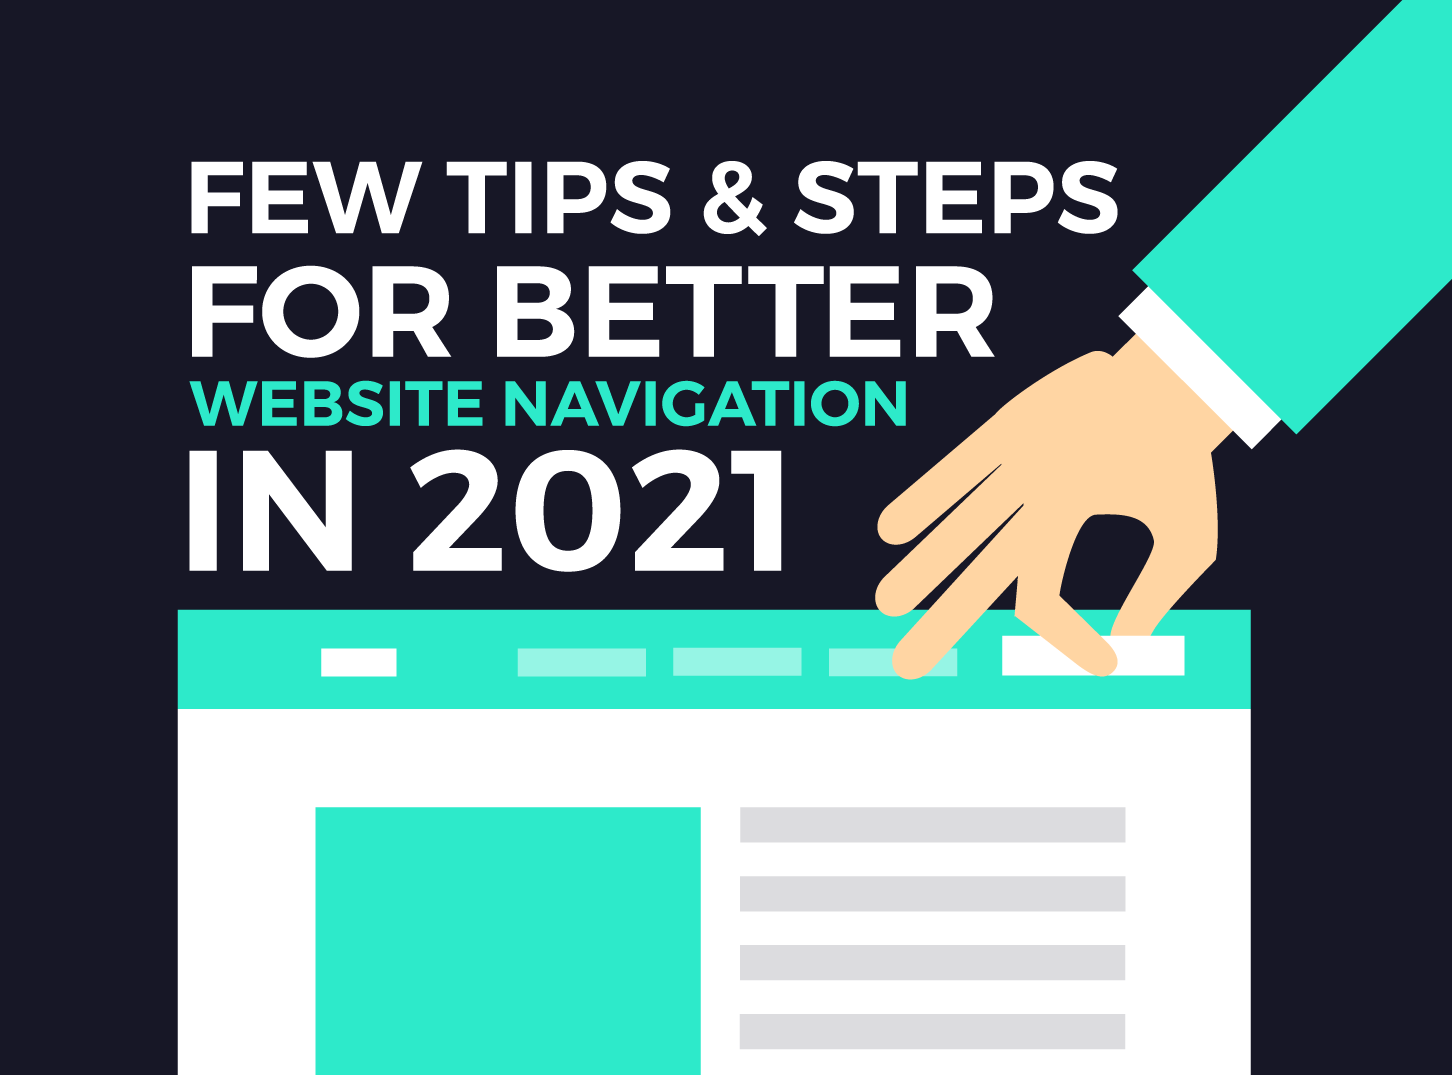 Few Tips & Steps For Better Website Navigation - Inkyy Web Design & Branding Studio